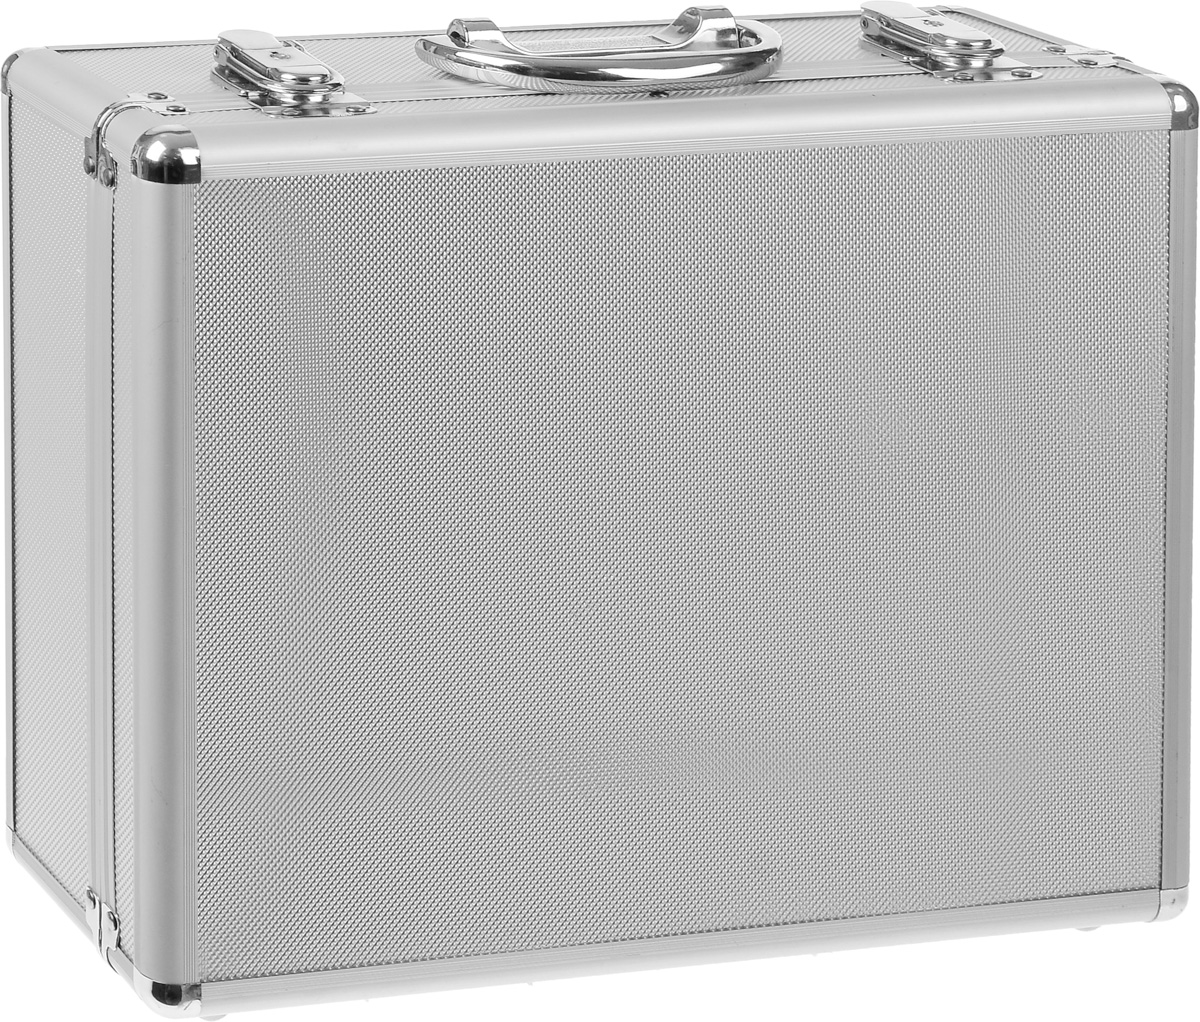 Ящик для инструментов FIT, алюминиевый, 34 х 28 х 12 см ящик для инструментов fit 65610